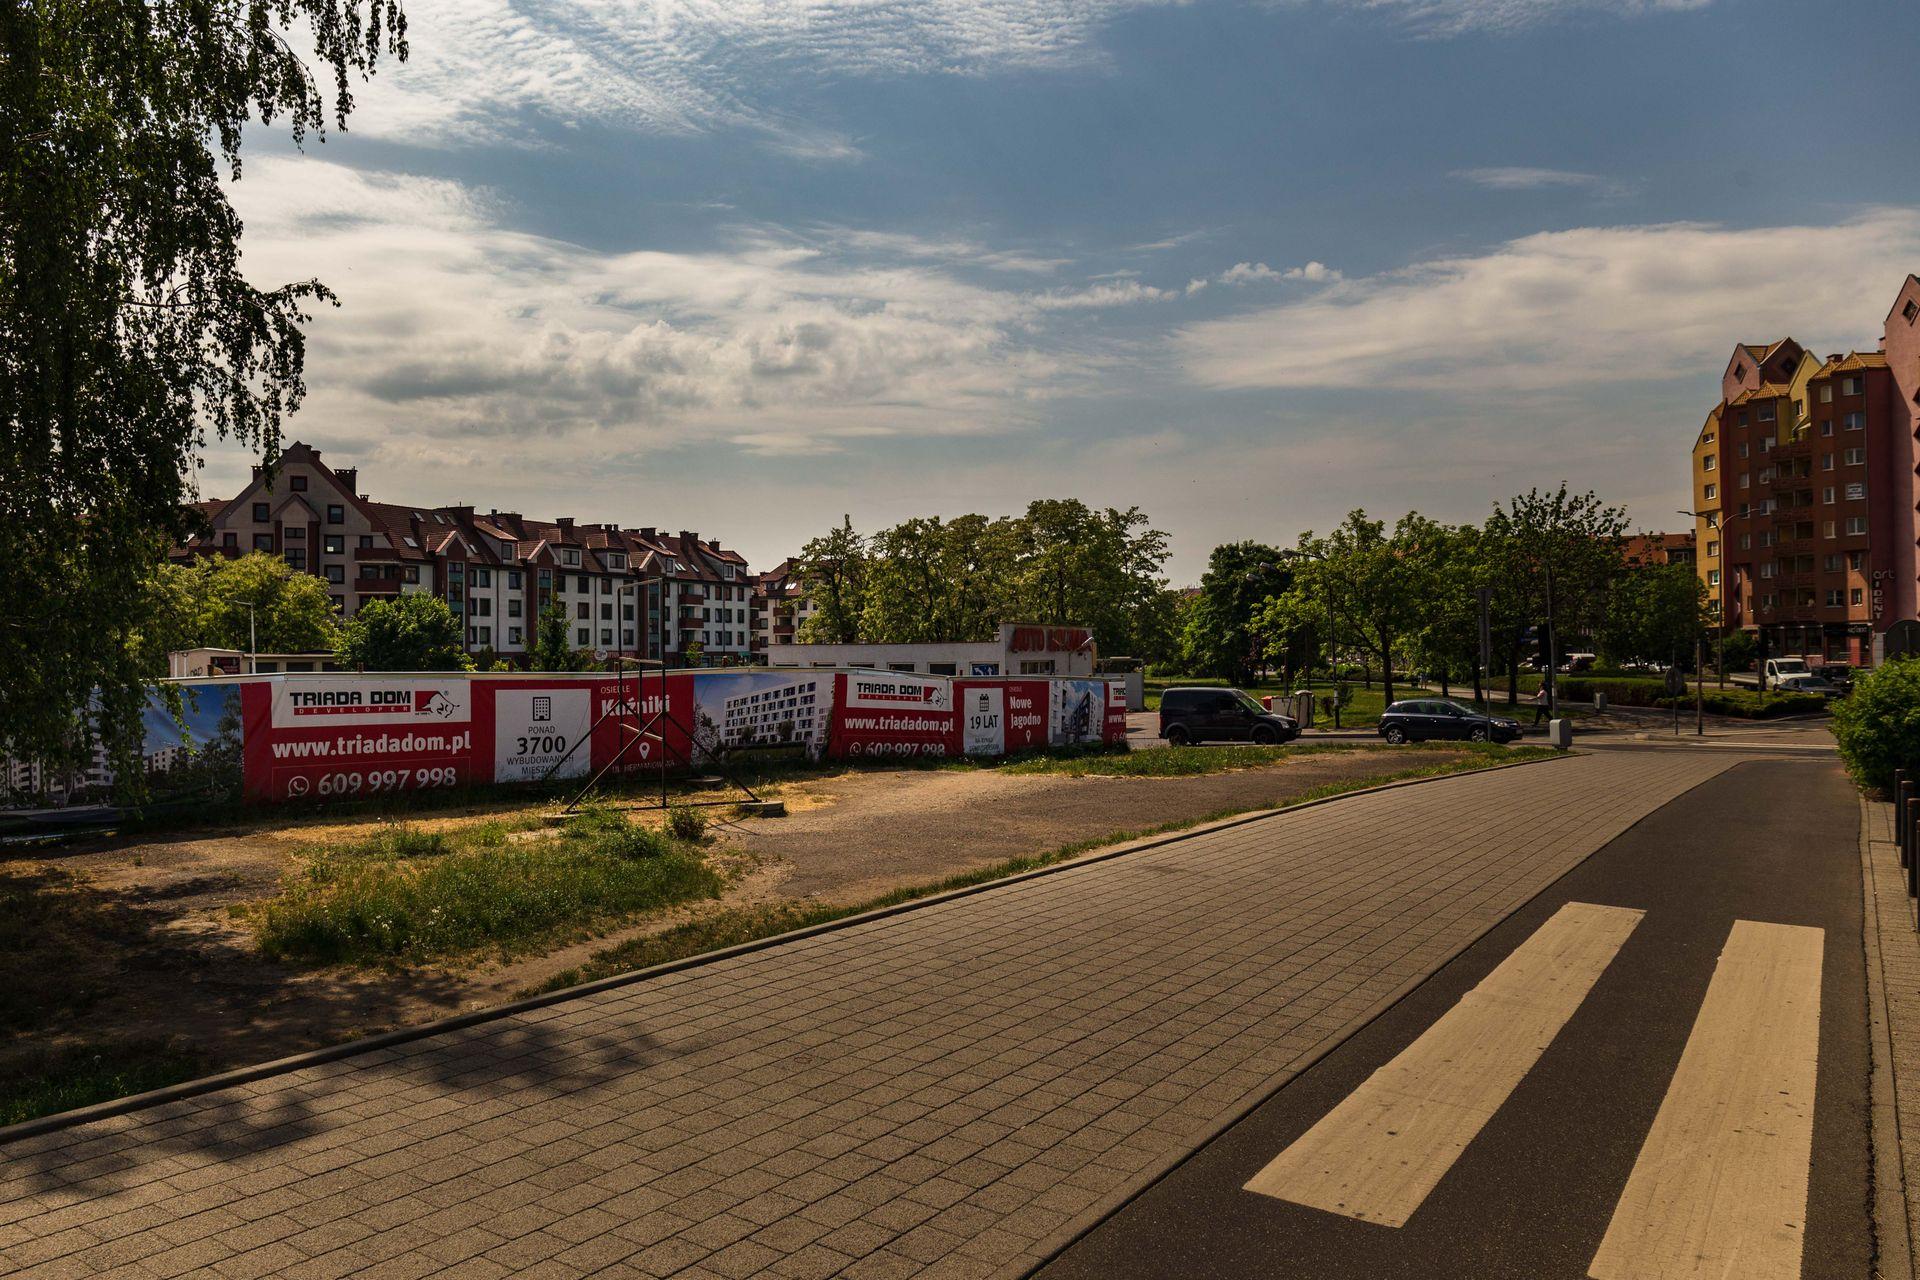 Wrocław: Triada Dom przejęła teren stacji paliw na Ołbinie. Ma zgodę na wyburzenia